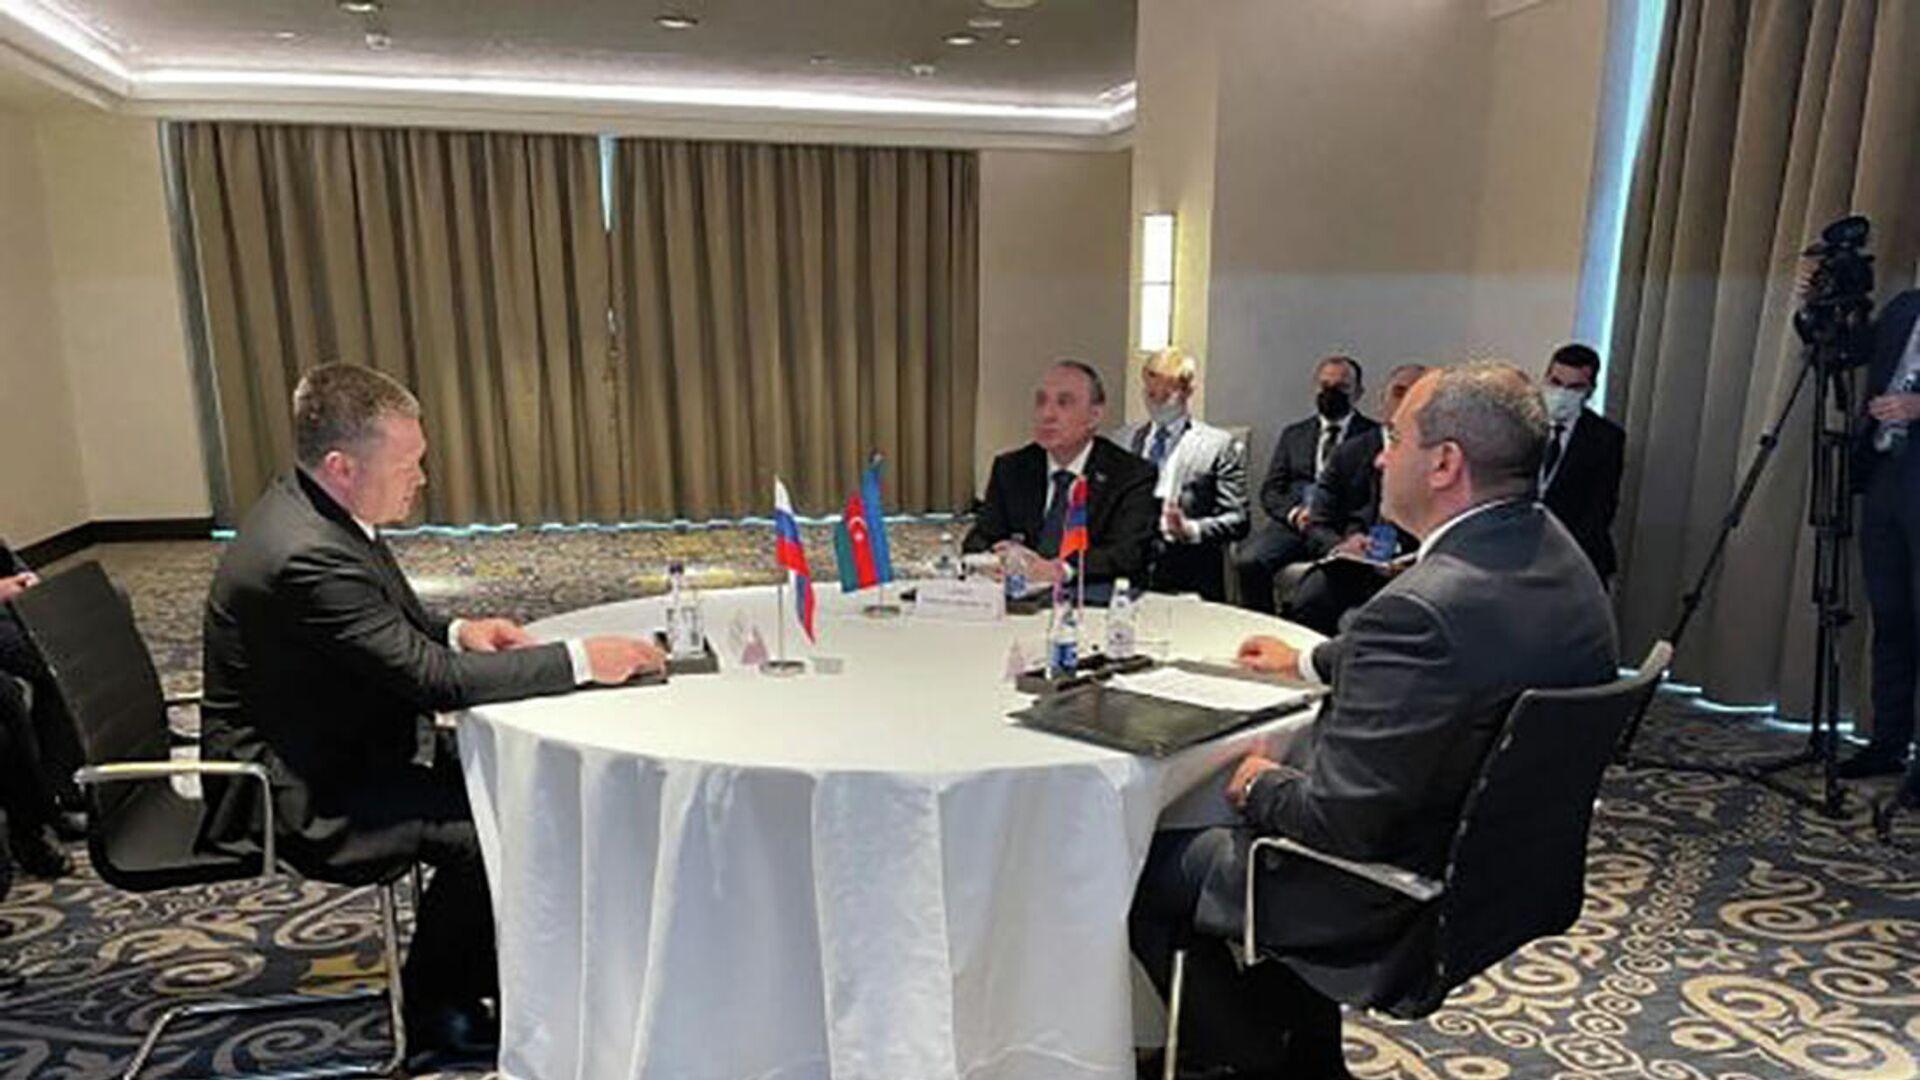 Հայաստանի, Ռուսաստանի և Ադրբեջանի գլխավոր դատախազները հանդիպում են ունեցել Նուր-Սուլթանում - Sputnik Արմենիա, 1920, 23.09.2021